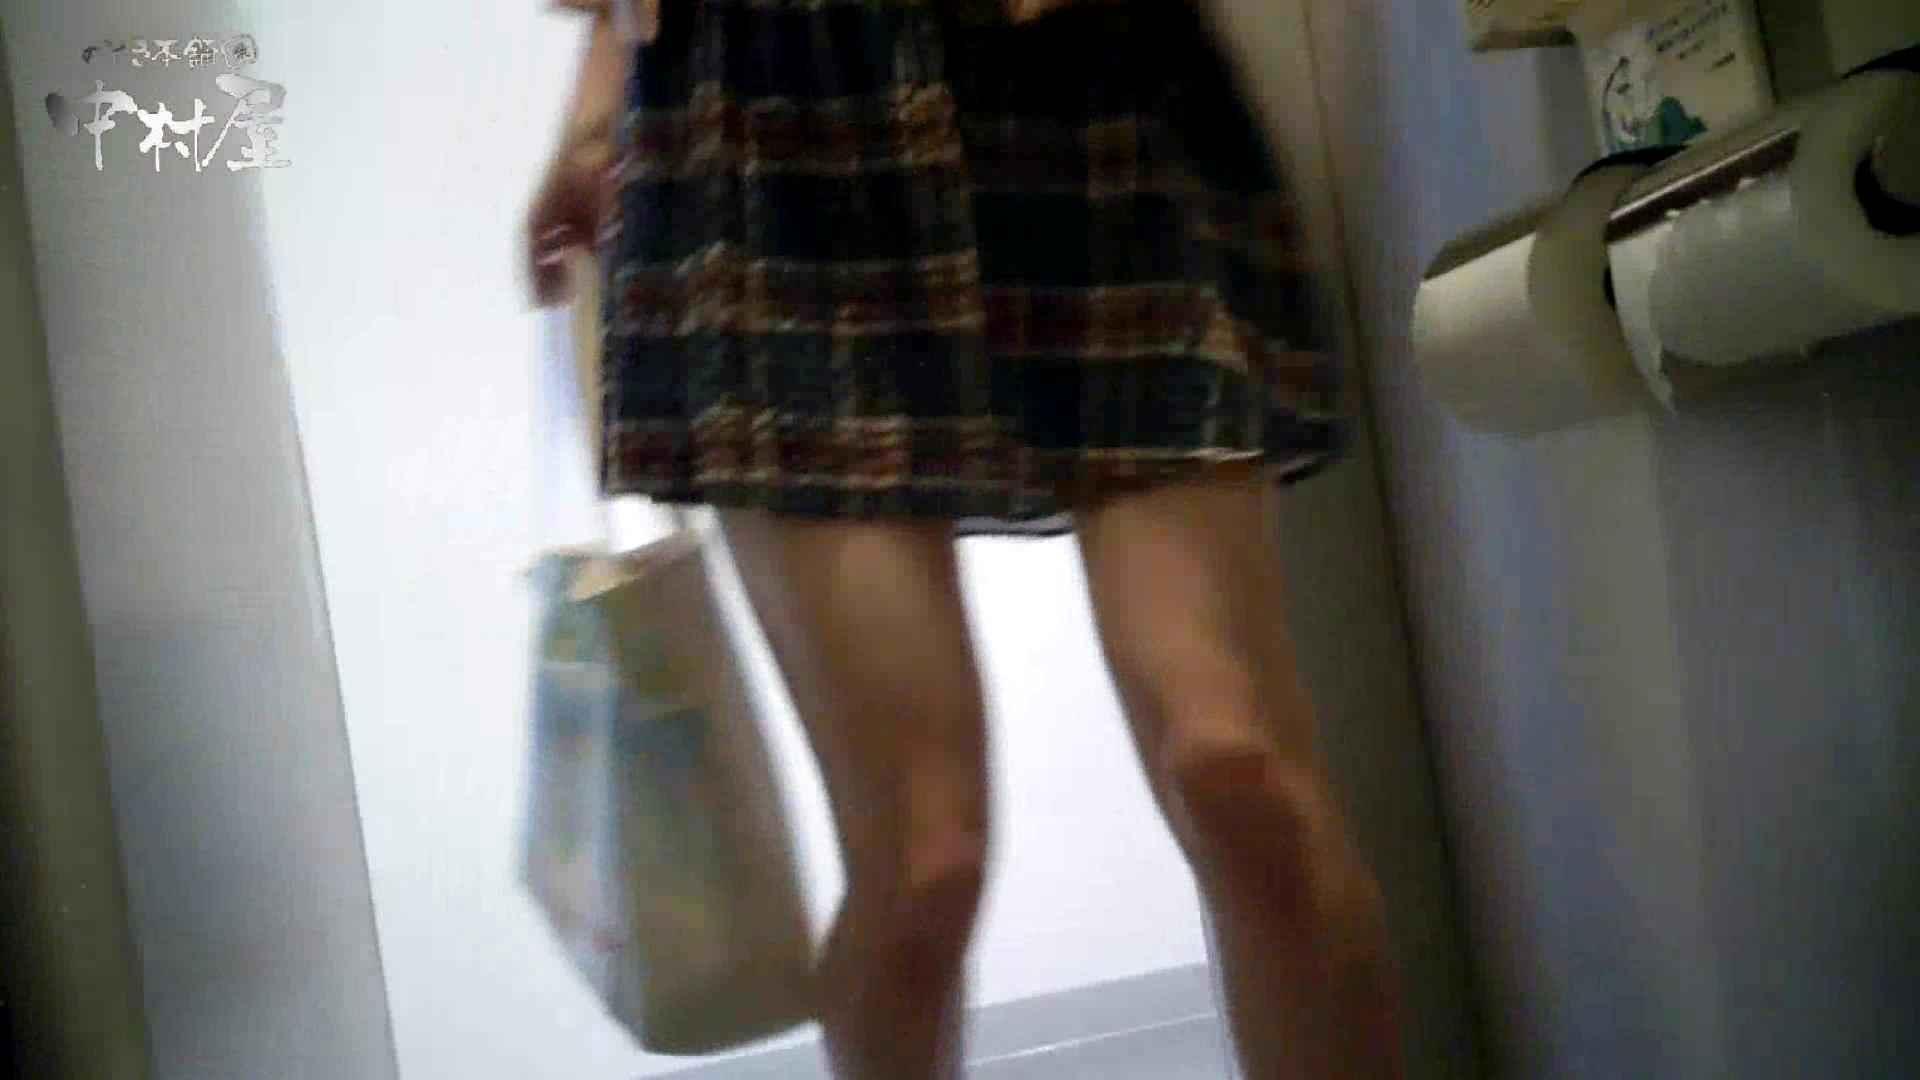 【某有名大学女性洗面所】有名大学女性洗面所 vol.40 ??おまじない的な動きをする子がいます。 綺麗なOLたち  88枚 15